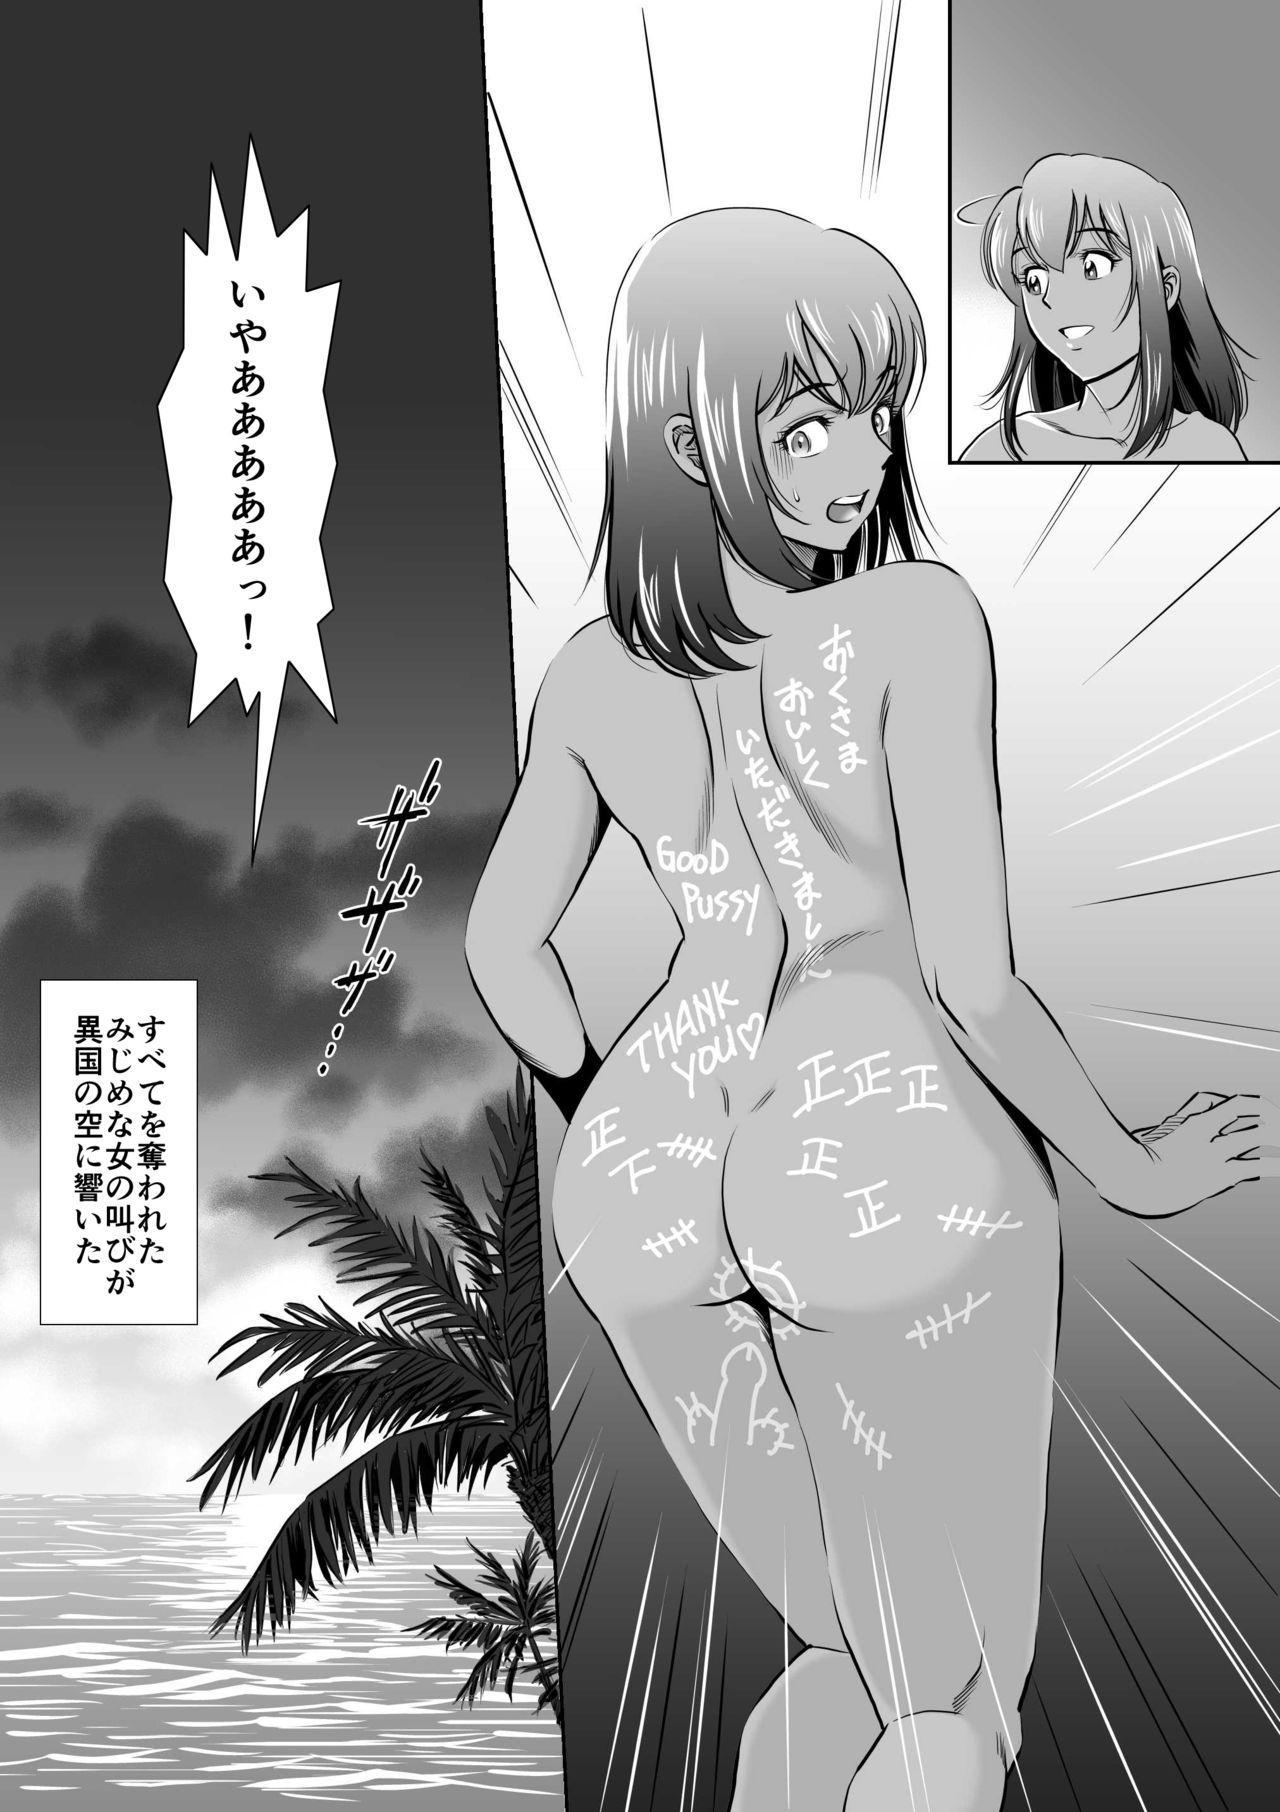 Nudist Beach e Shinkon Ryokou Saserareta Tsuma 41